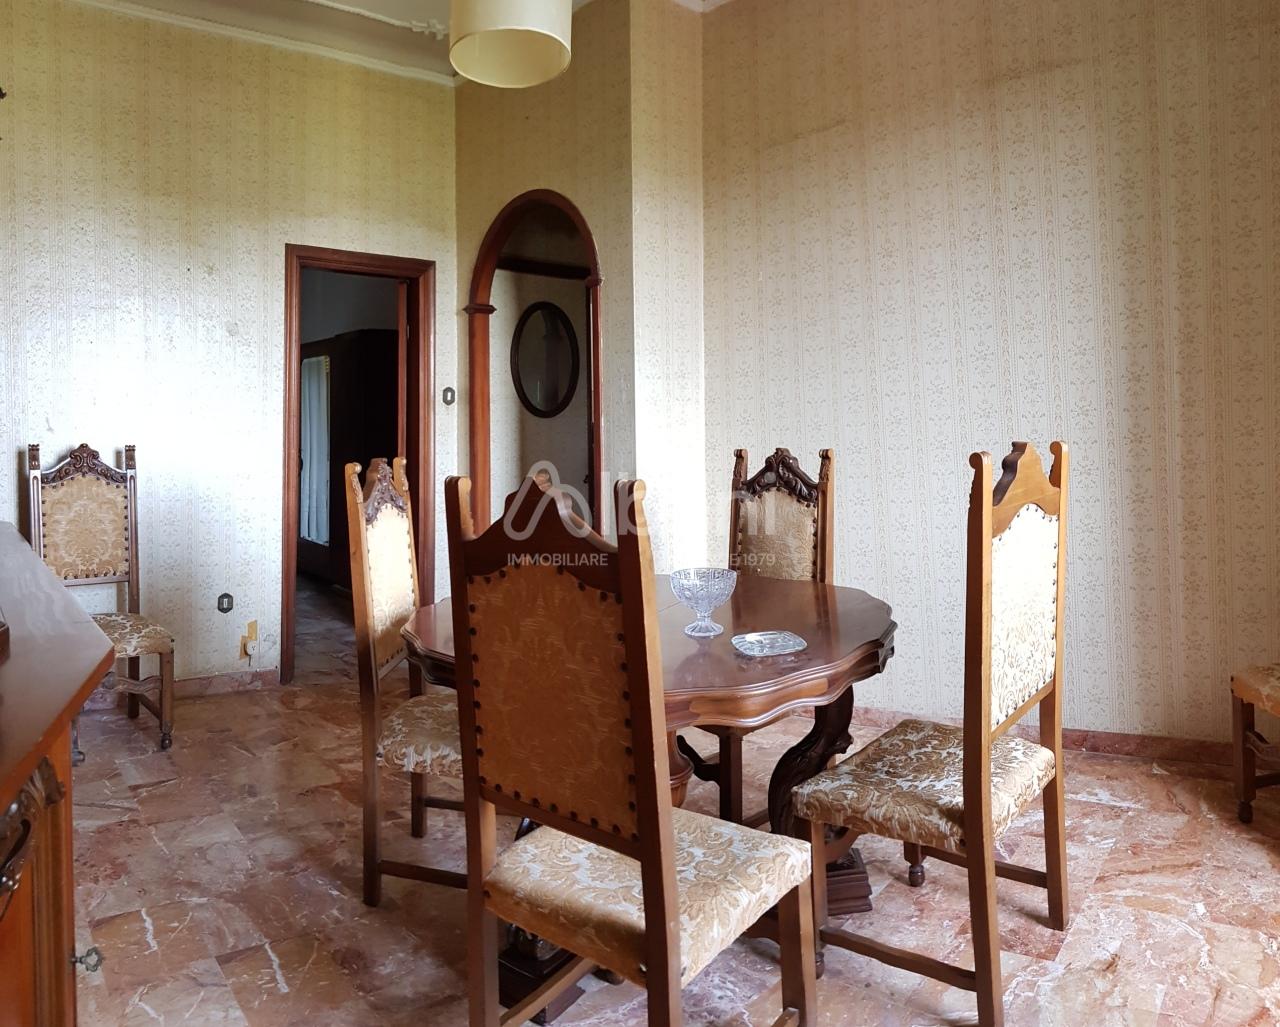 Appartamento in vendita a La Spezia, 3 locali, prezzo € 55.000 | PortaleAgenzieImmobiliari.it